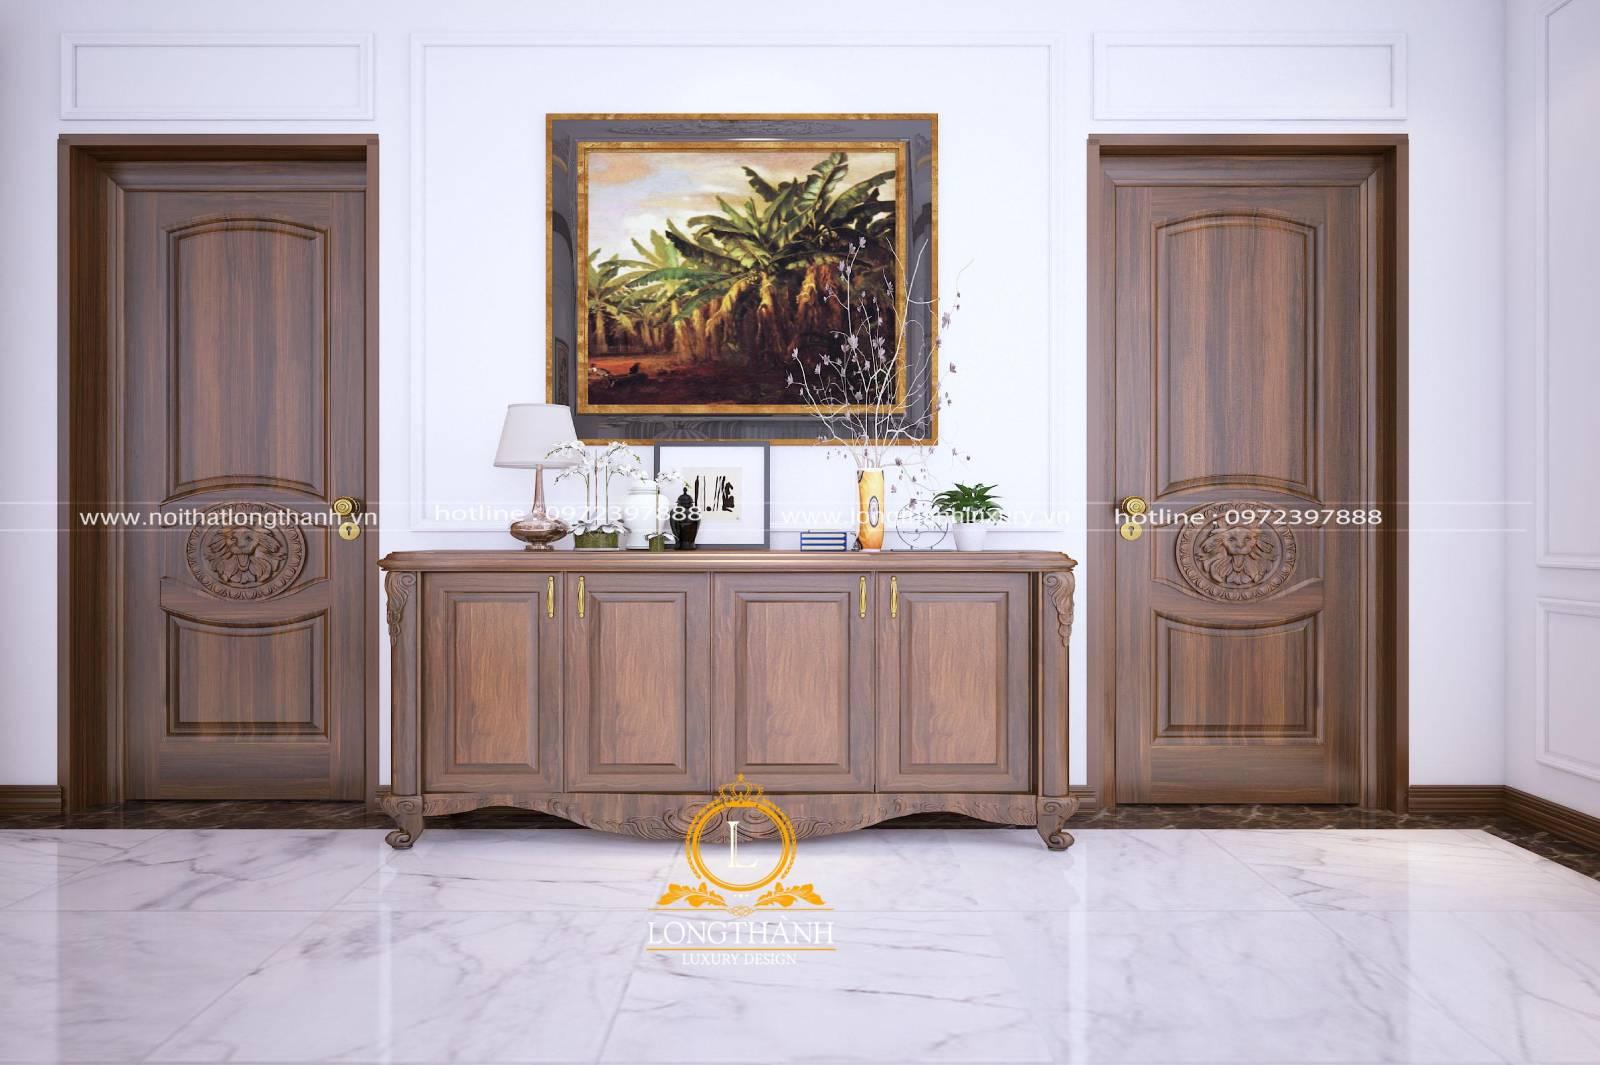 Thiết kế cửa thông phòng làm từ gỗ Sồi tự nhiên nguyên khối theo phong cách hiện đại